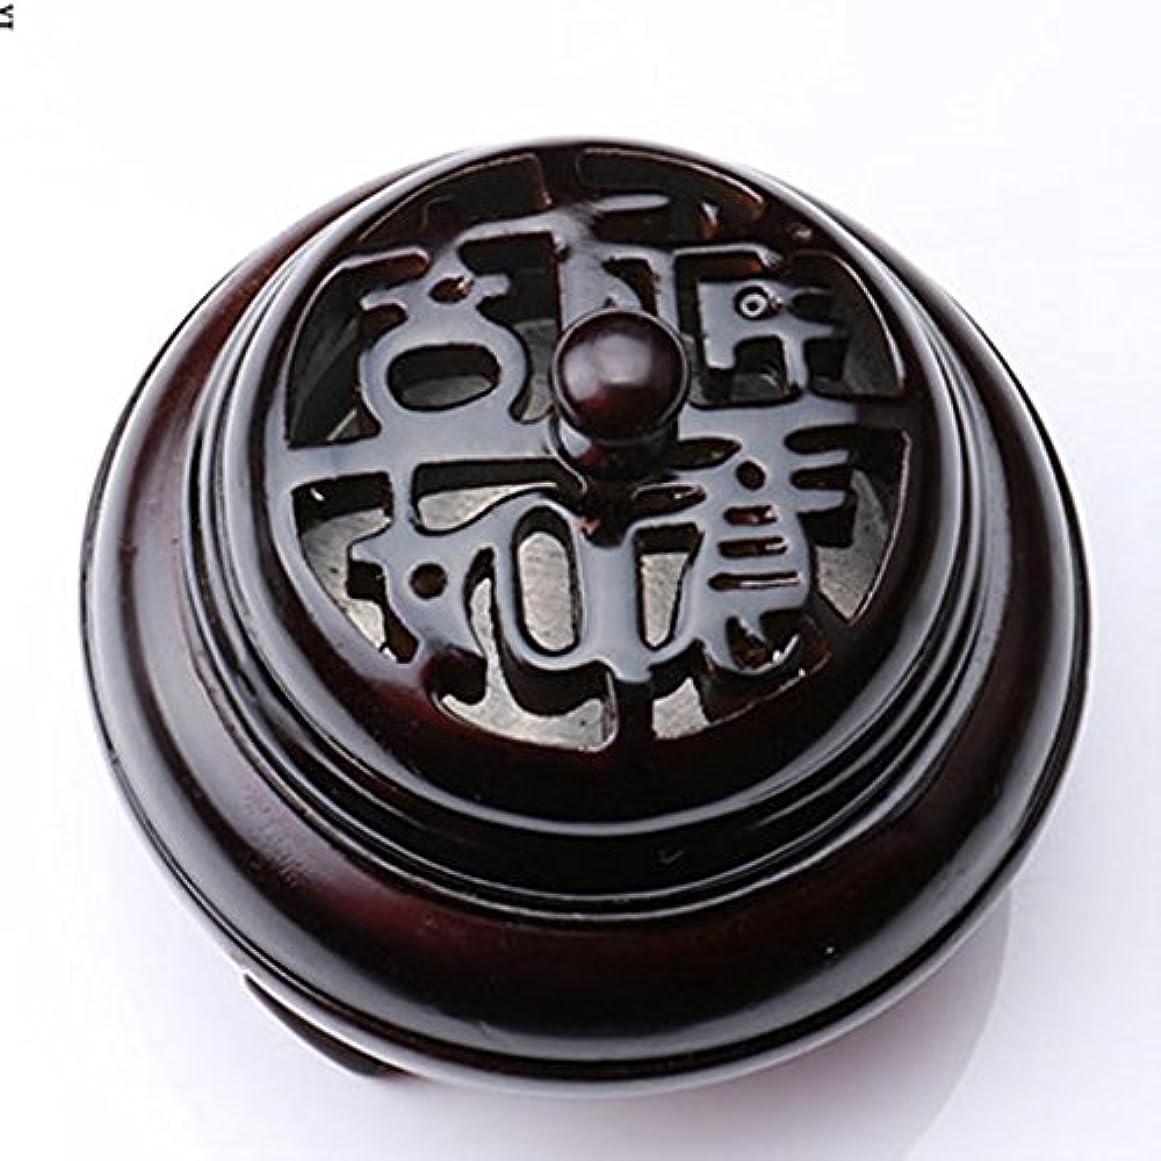 長老指ソーシャル(ラシューバー) Lasuiveur 香炉 香立て 渦巻き線香 線香立て お香立て 木製